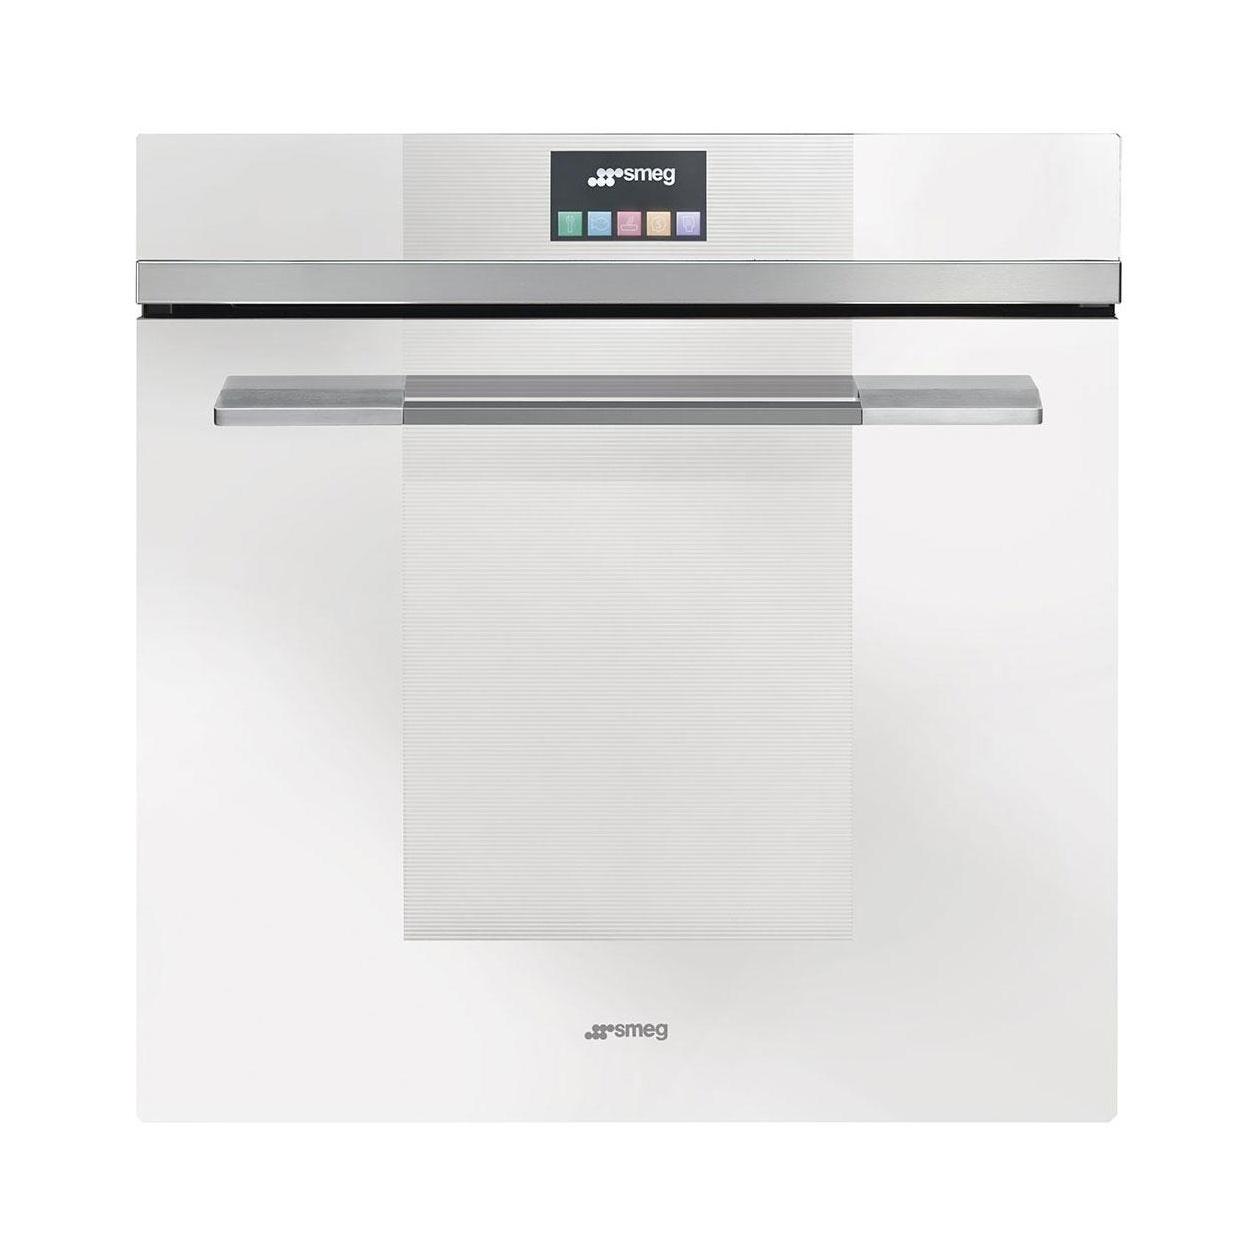 Smeg - SFP140BE Einbaubackofen - weiß | Küche und Esszimmer > Küchenelektrogeräte > Herde und Backöffenen | Weiß | Edelstahl | Smeg